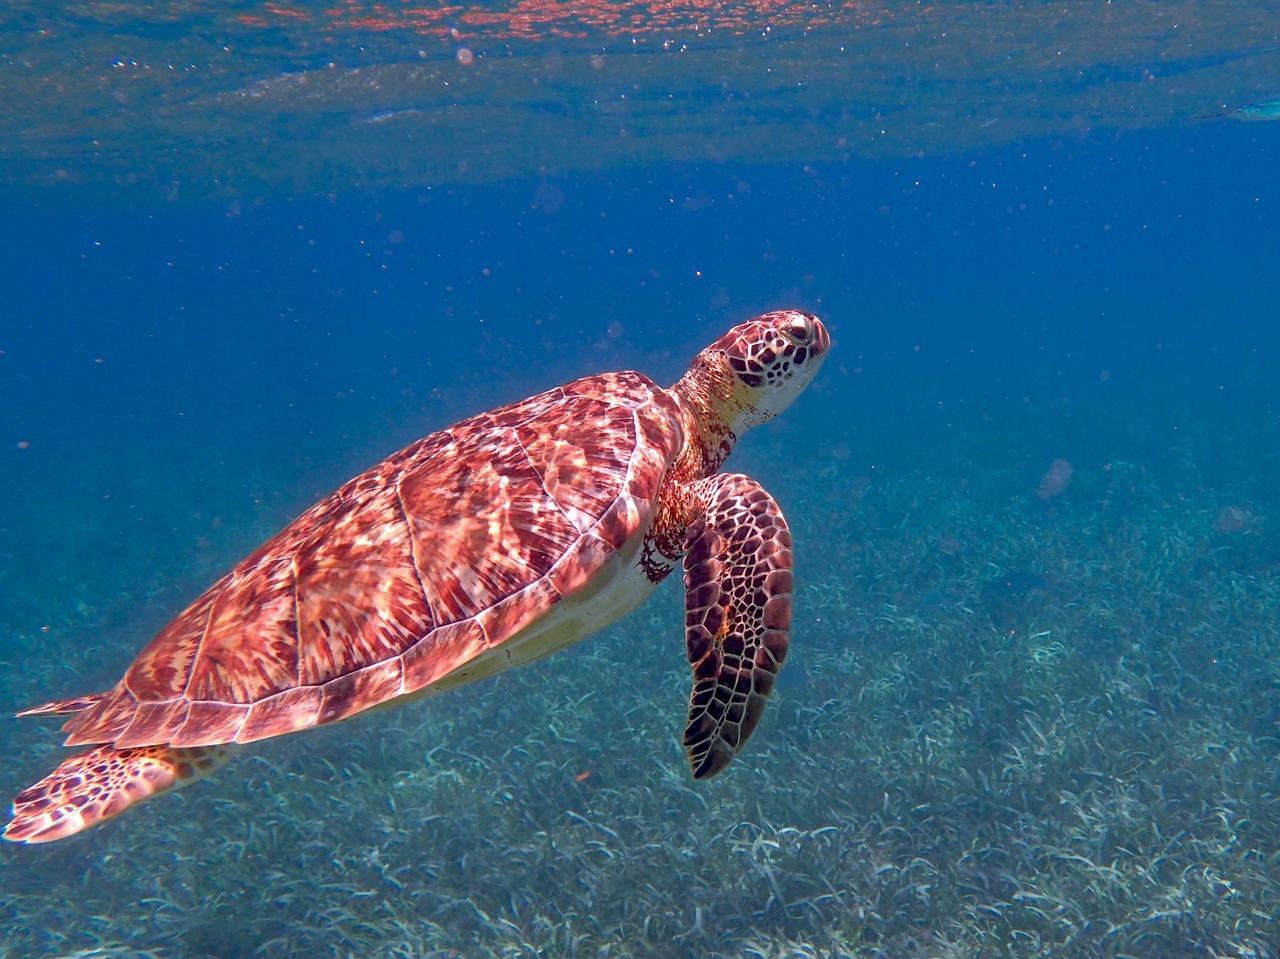 turtle-1958058_1280-1530388042431-1530388045036.jpg